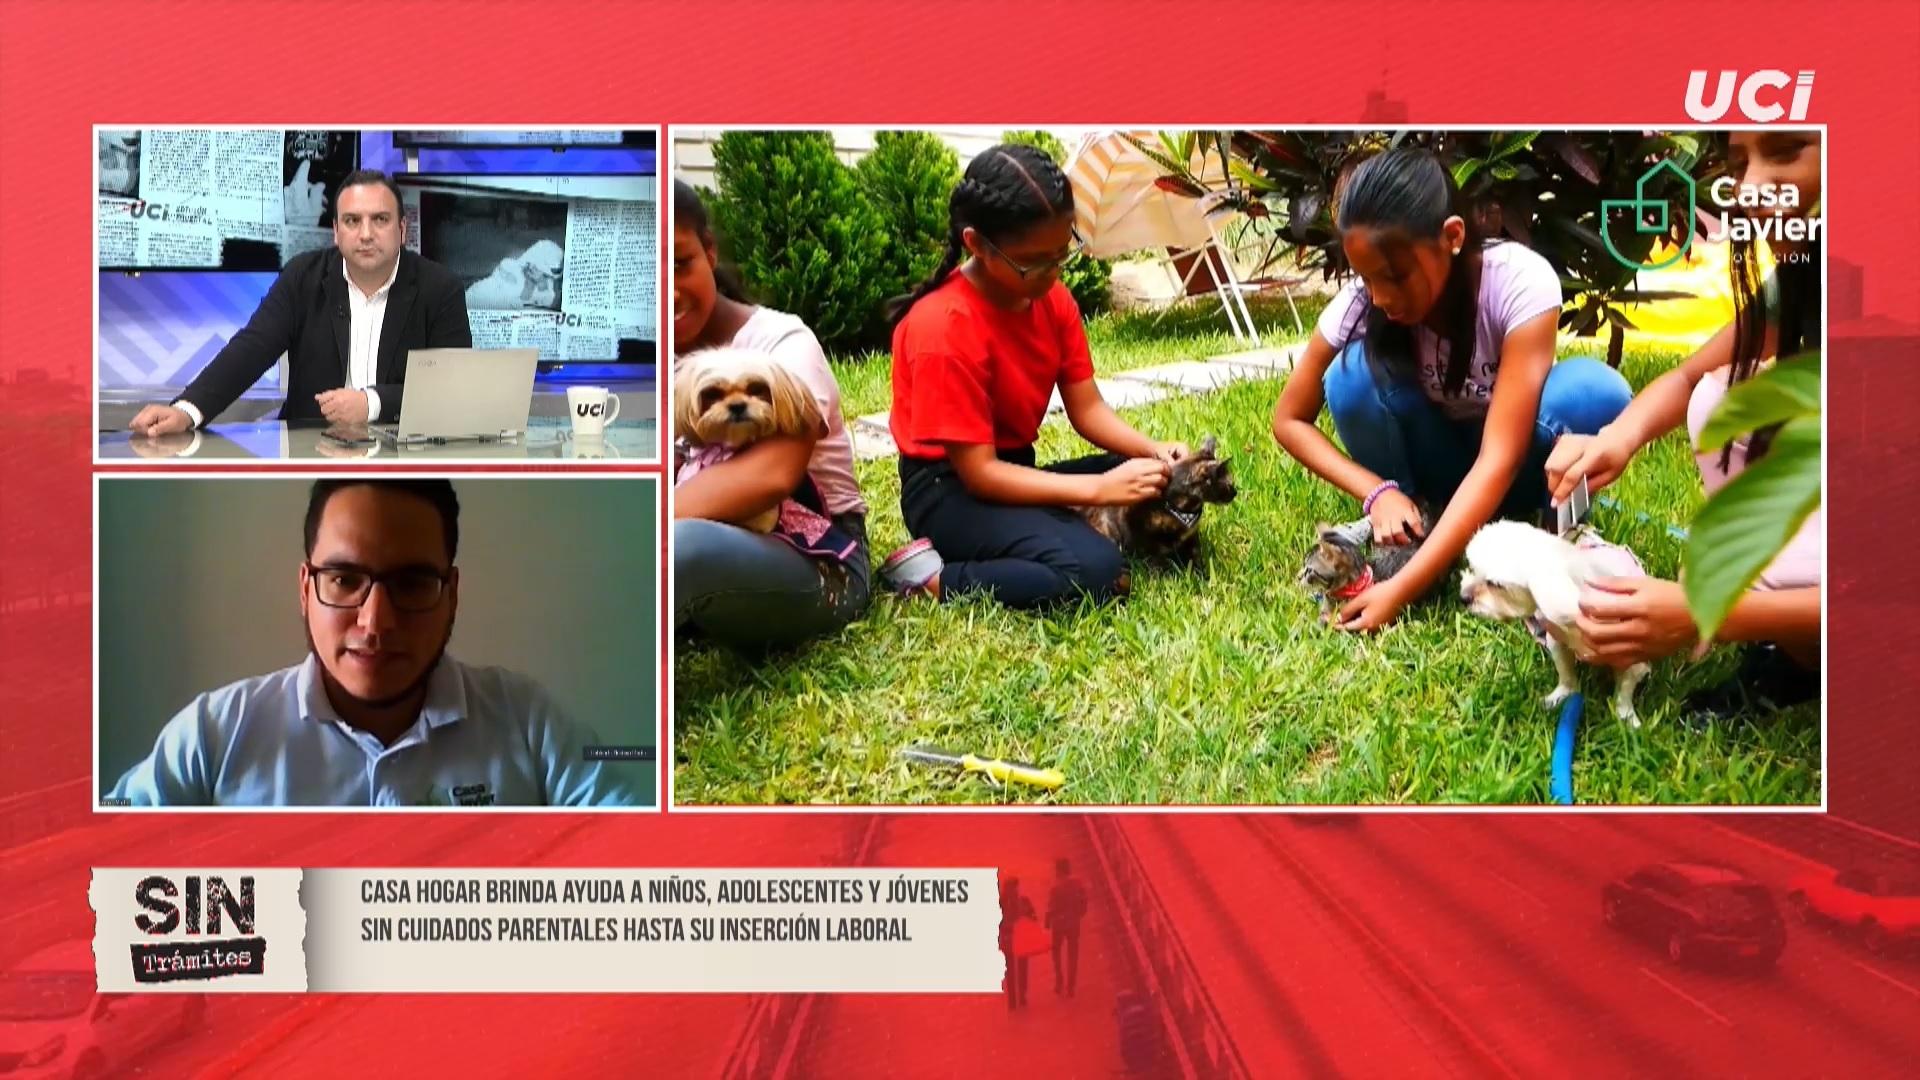 Entrevista a nuestro director Gustavo Martin por canal UCI